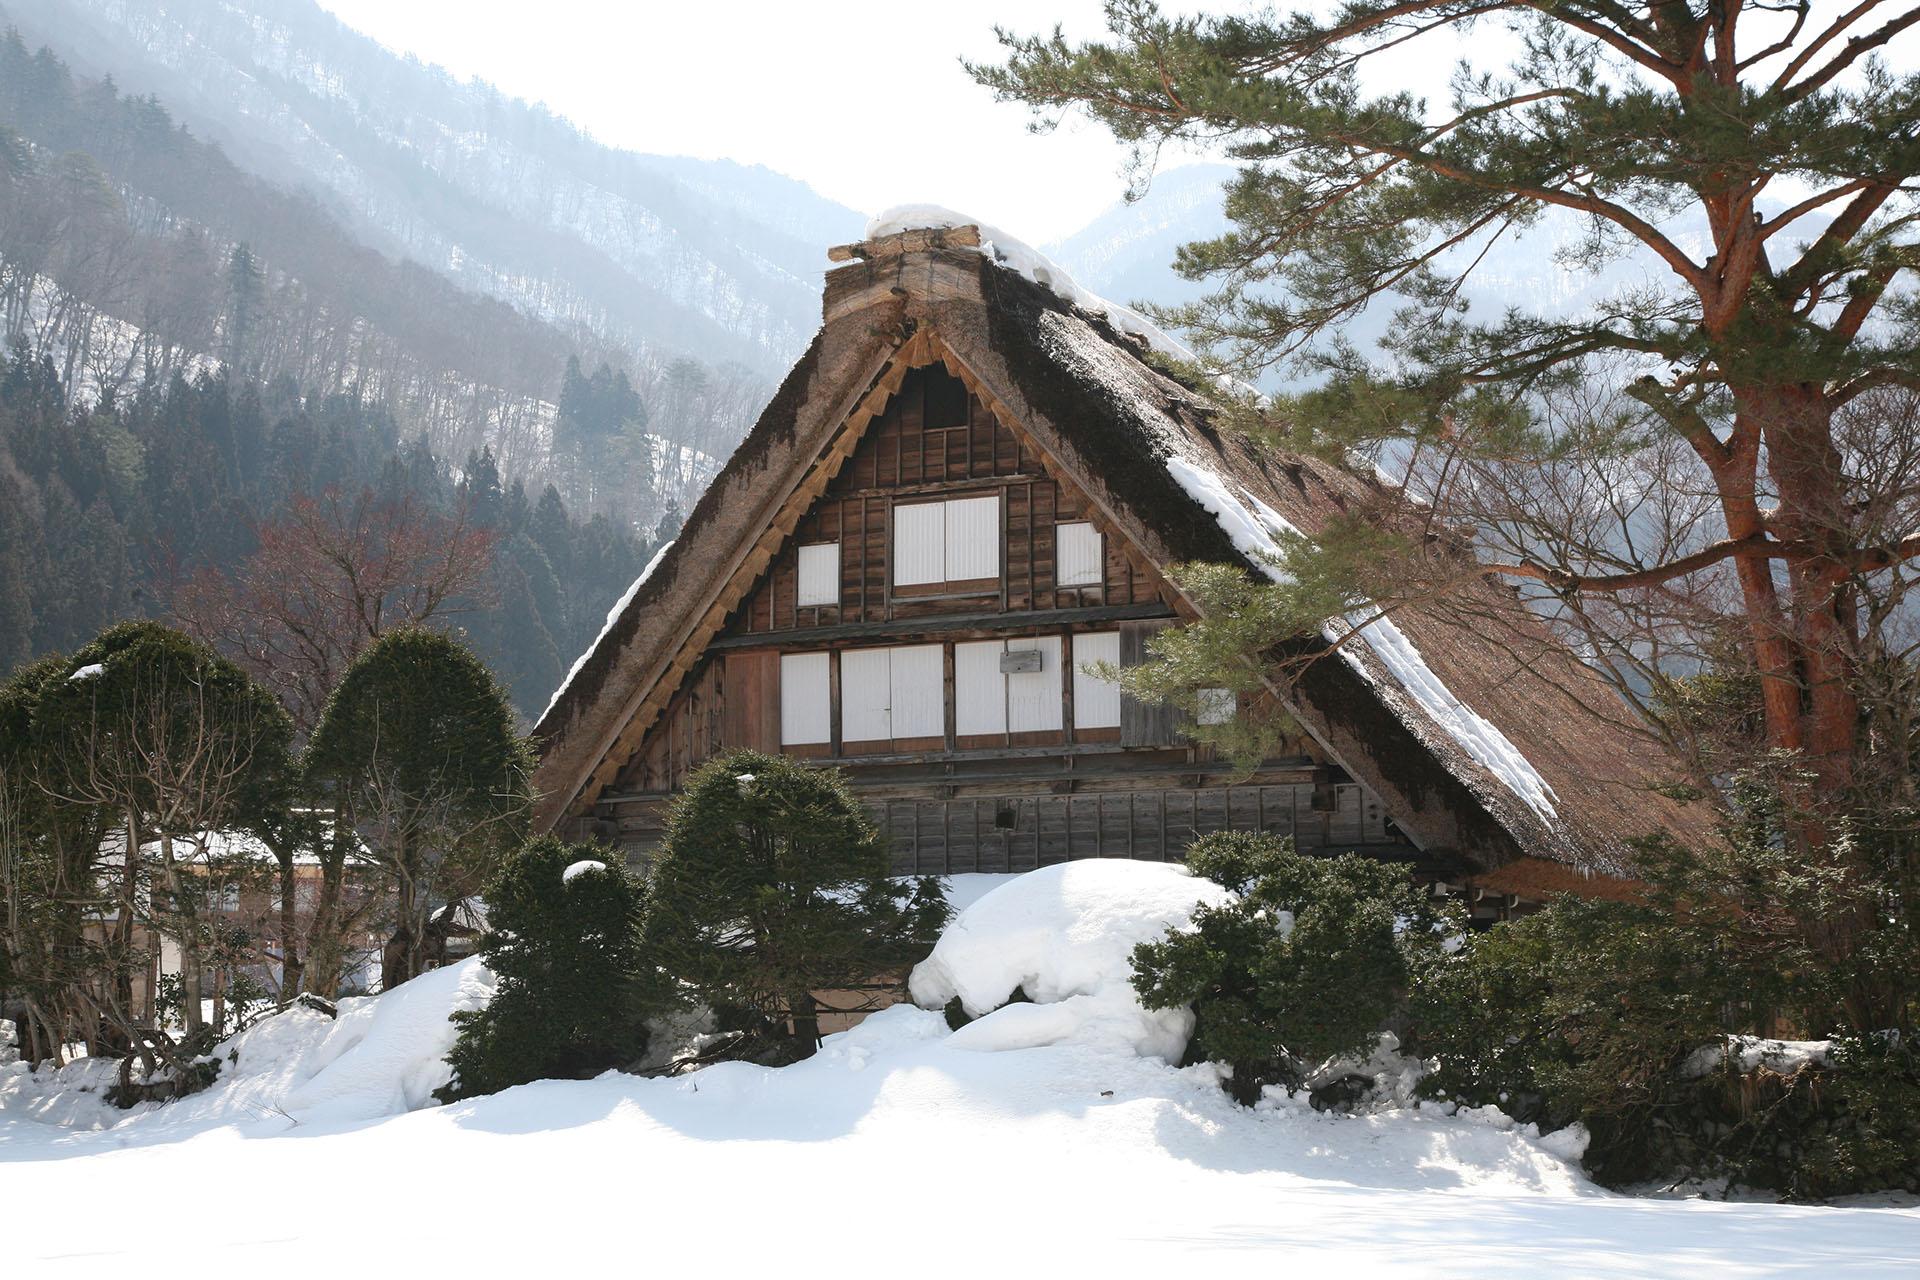 冬の五箇山 雪の合掌造りの家屋 富山の風景